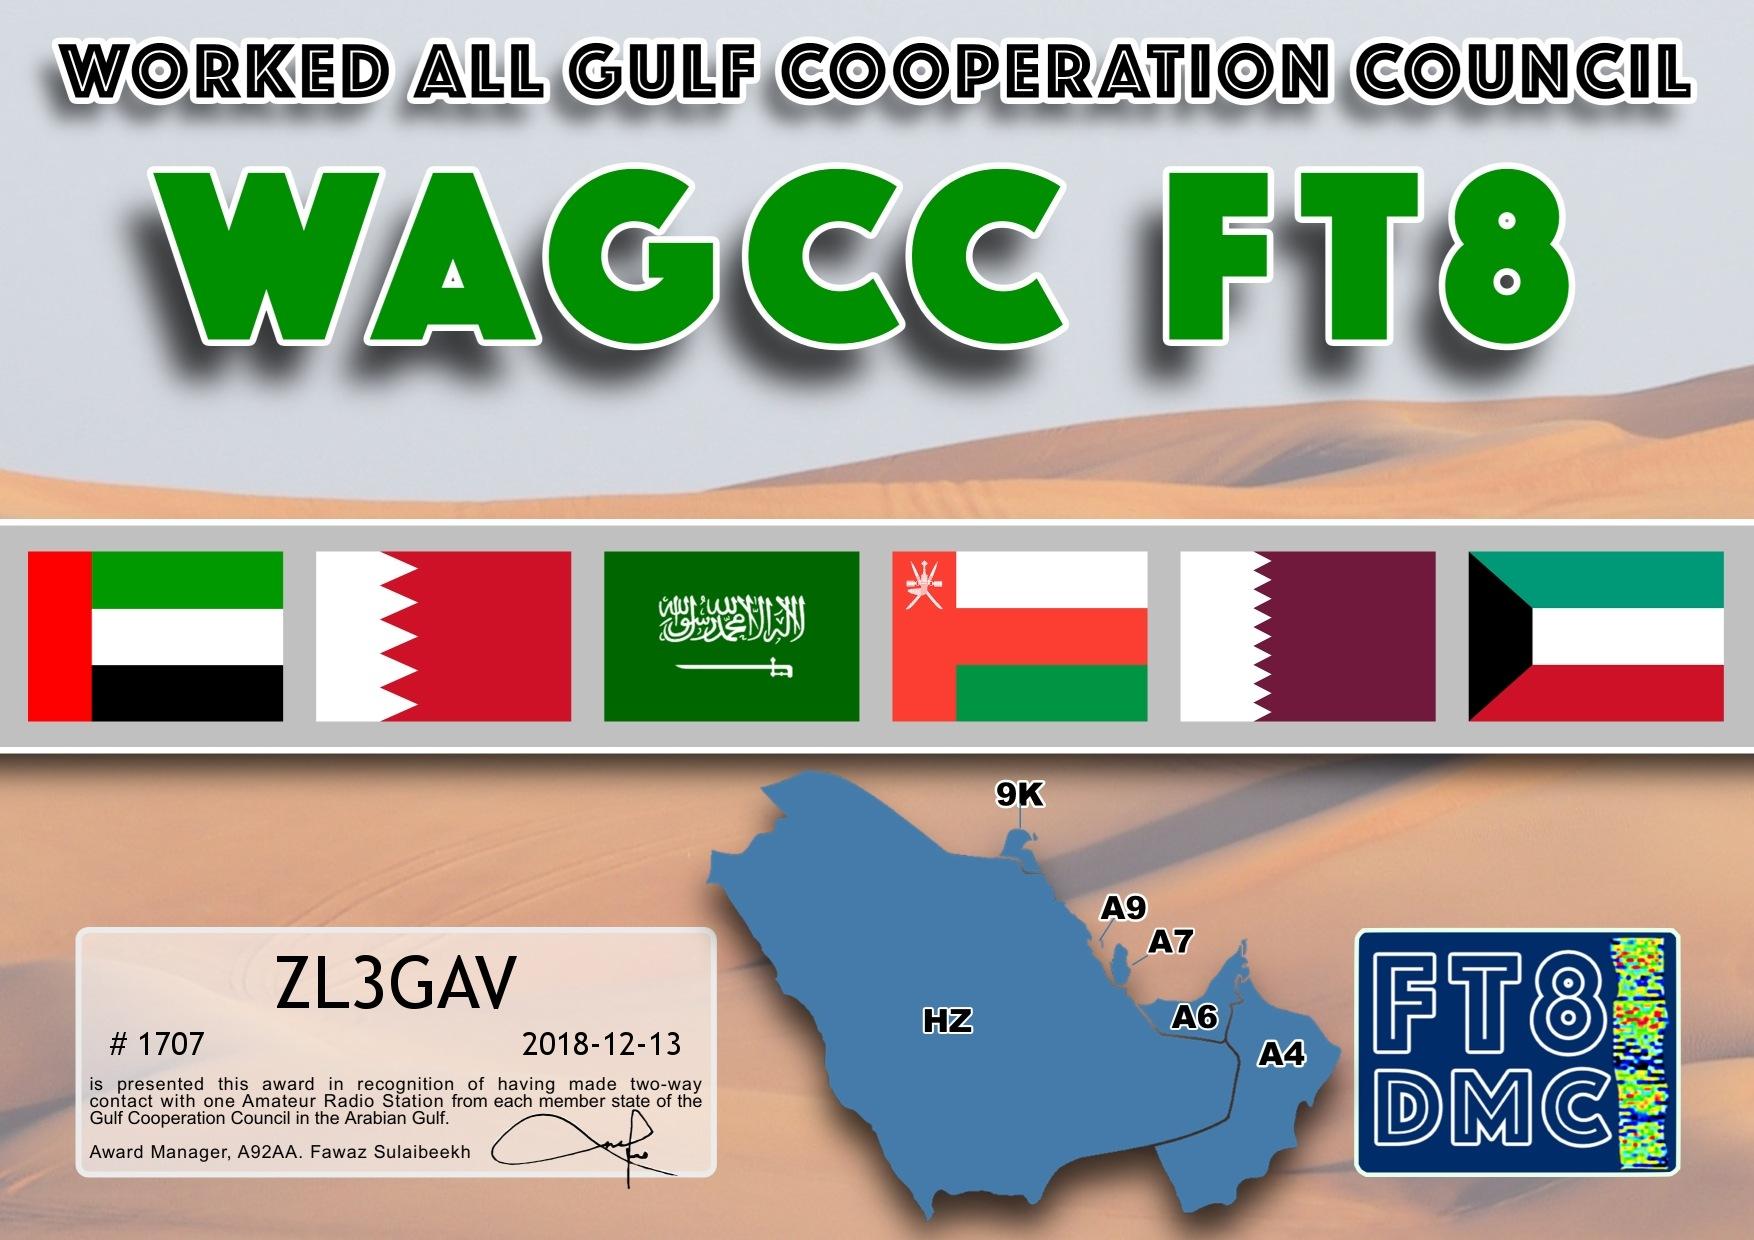 ZL3GAV-WAGCC-WAGCC.jpg